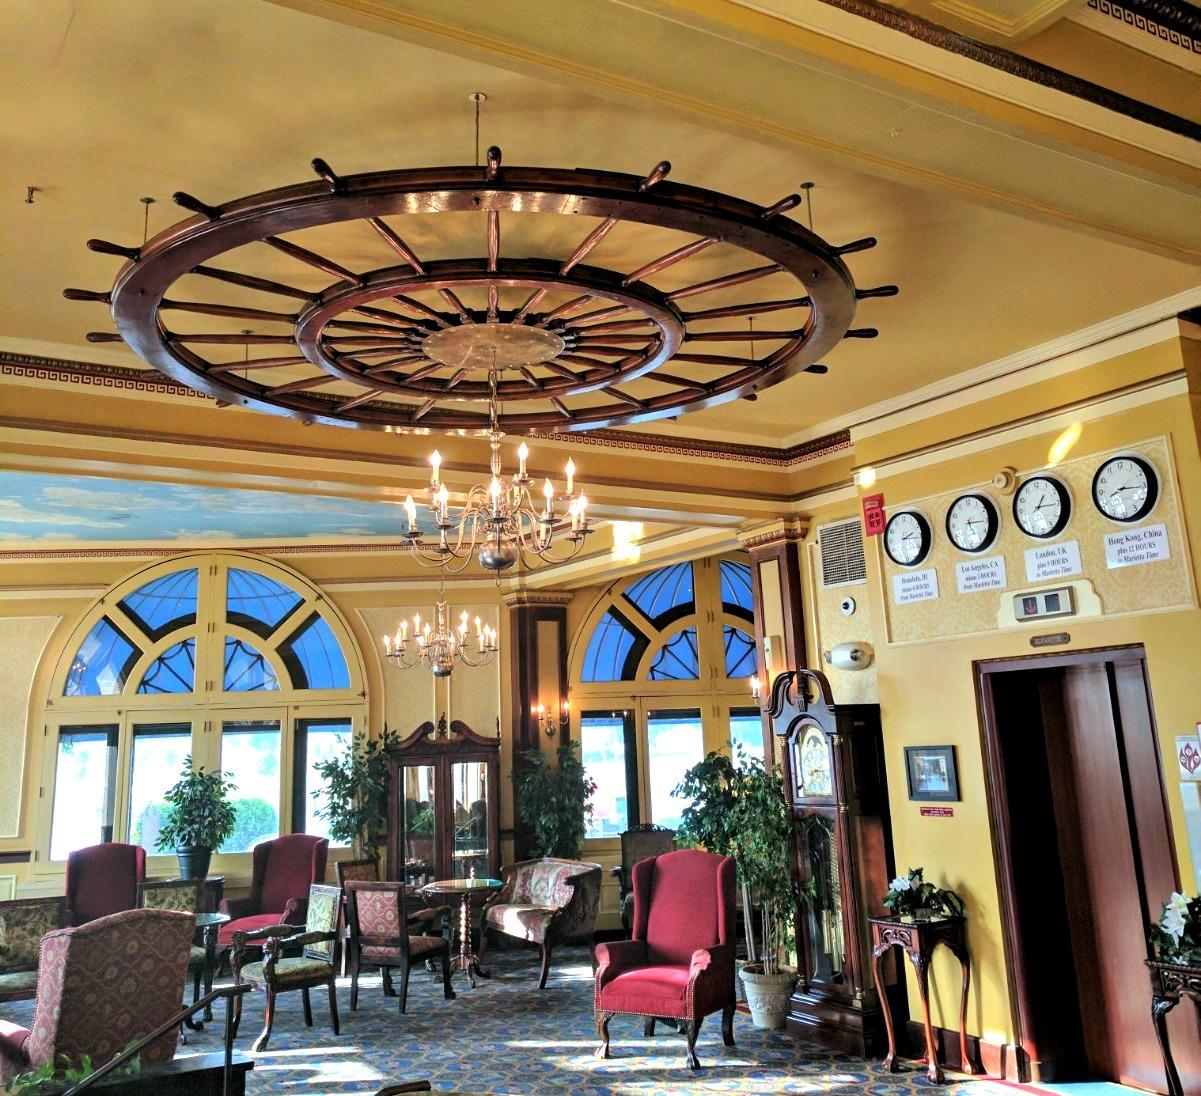 The Lafayette Hotel - Marietta, Ohio